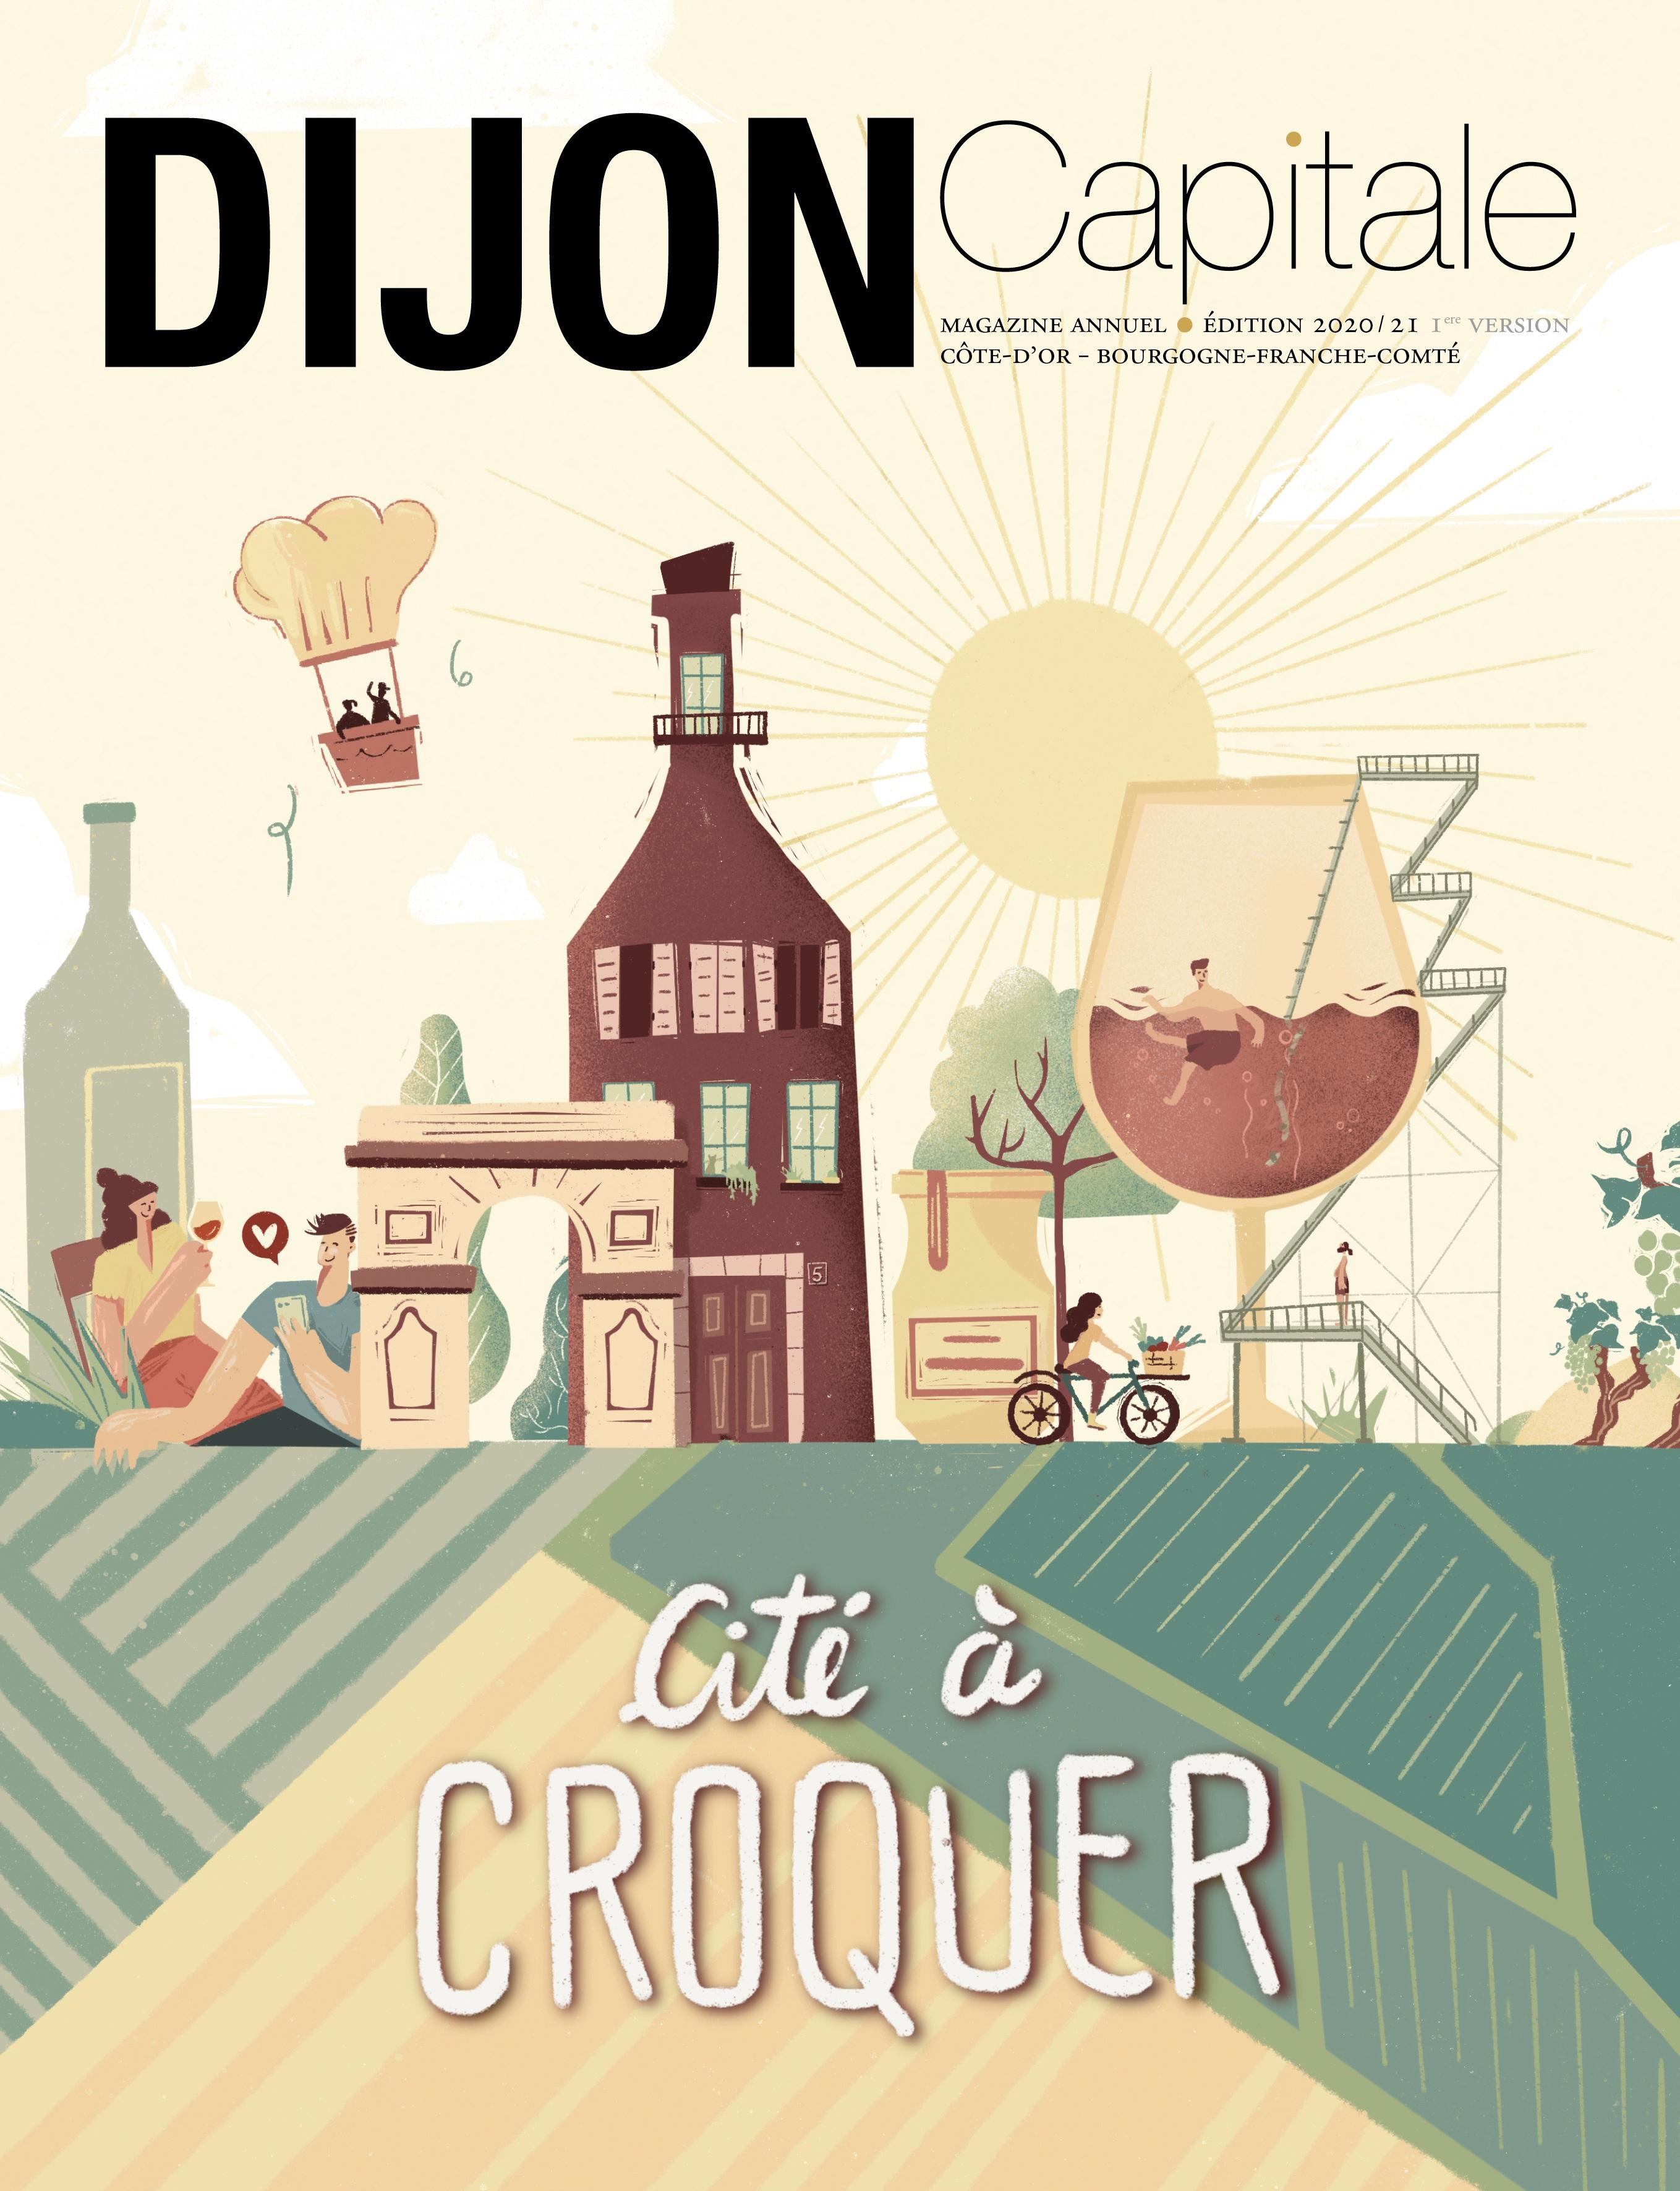 Le magazine Dijon Capitale sort un numéro spécial «Cité à croquer»